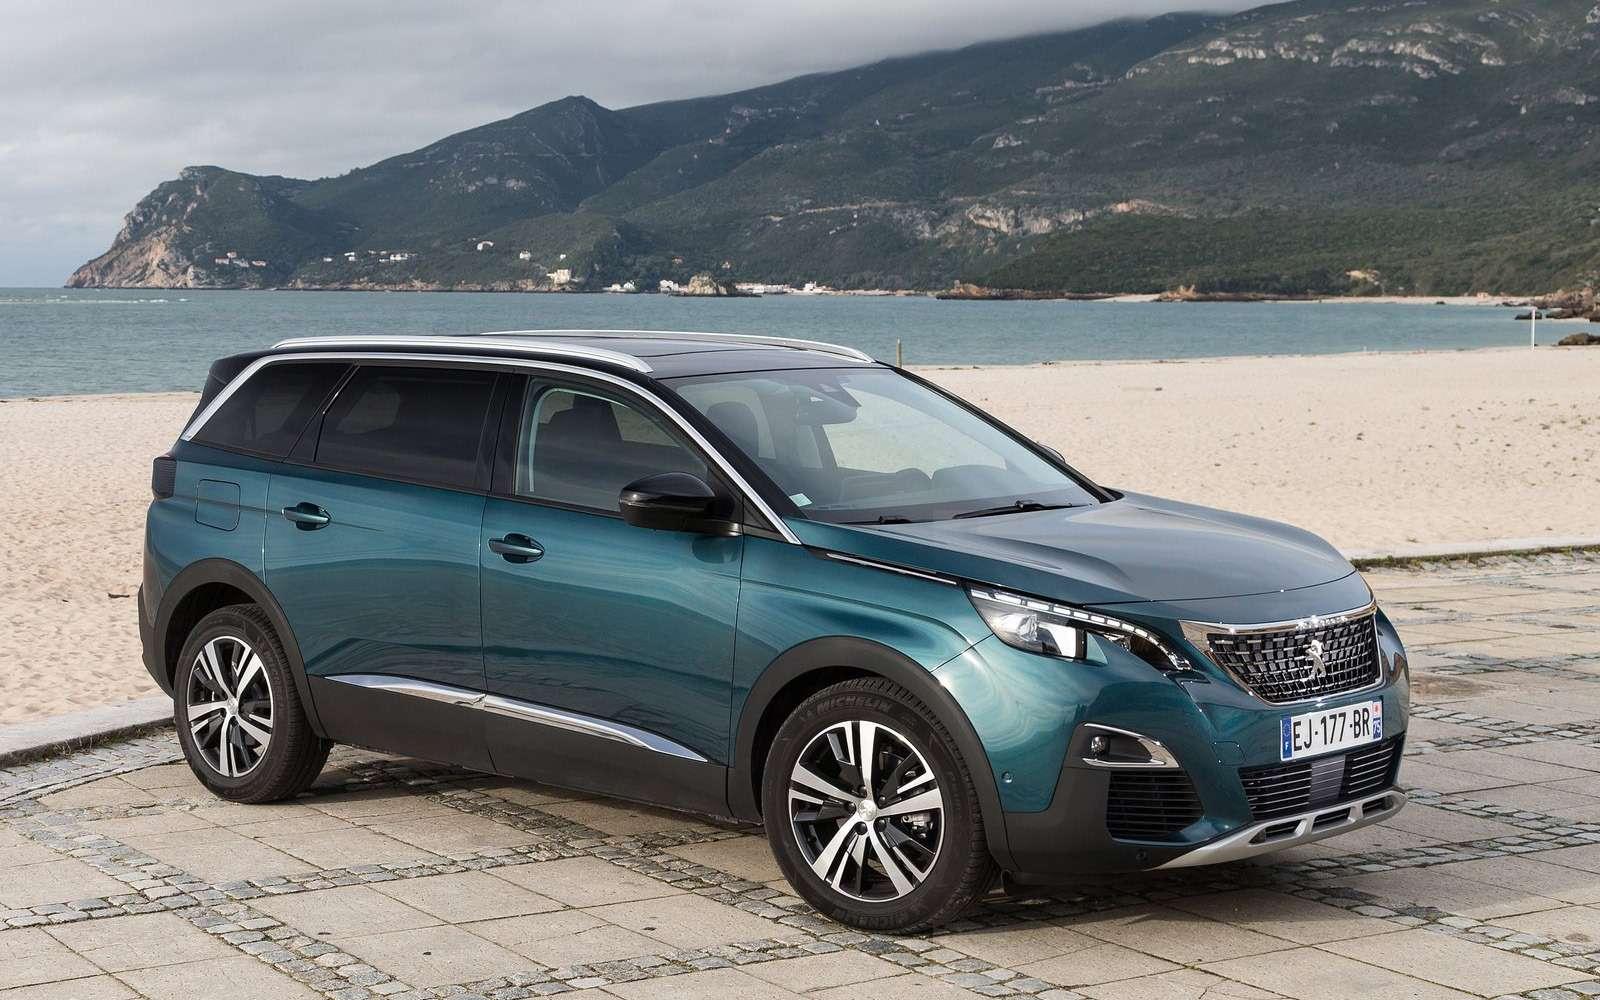 Peugeot привезет вРоссию большой кроссовер. Осталось узнать цены— фото 821994